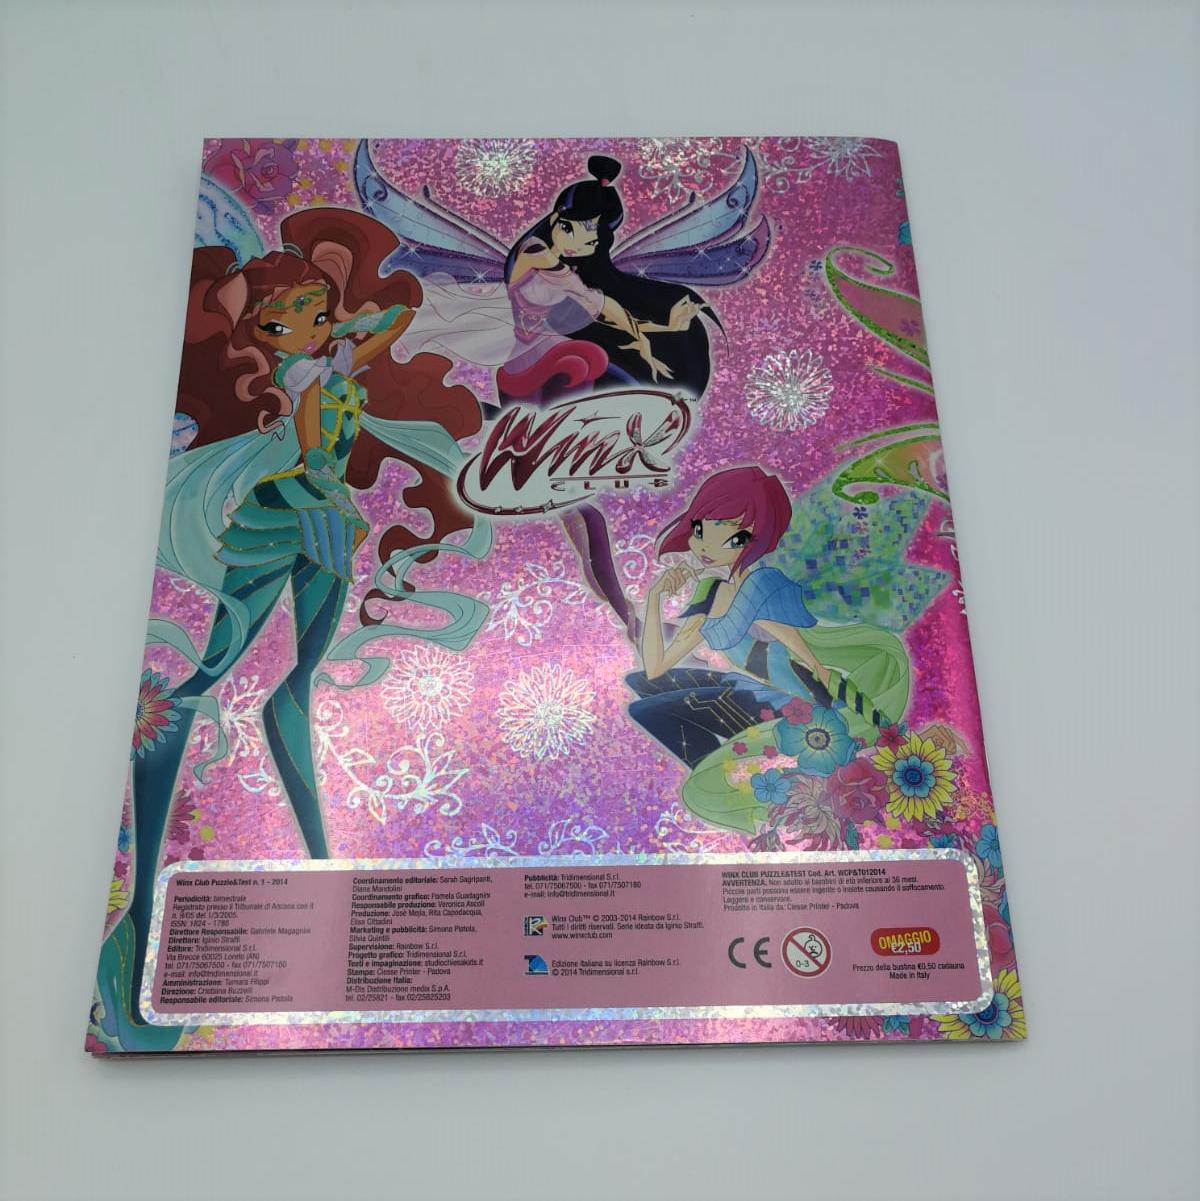 Winx club cuore di fata album figurine completo rainbow manuelkant